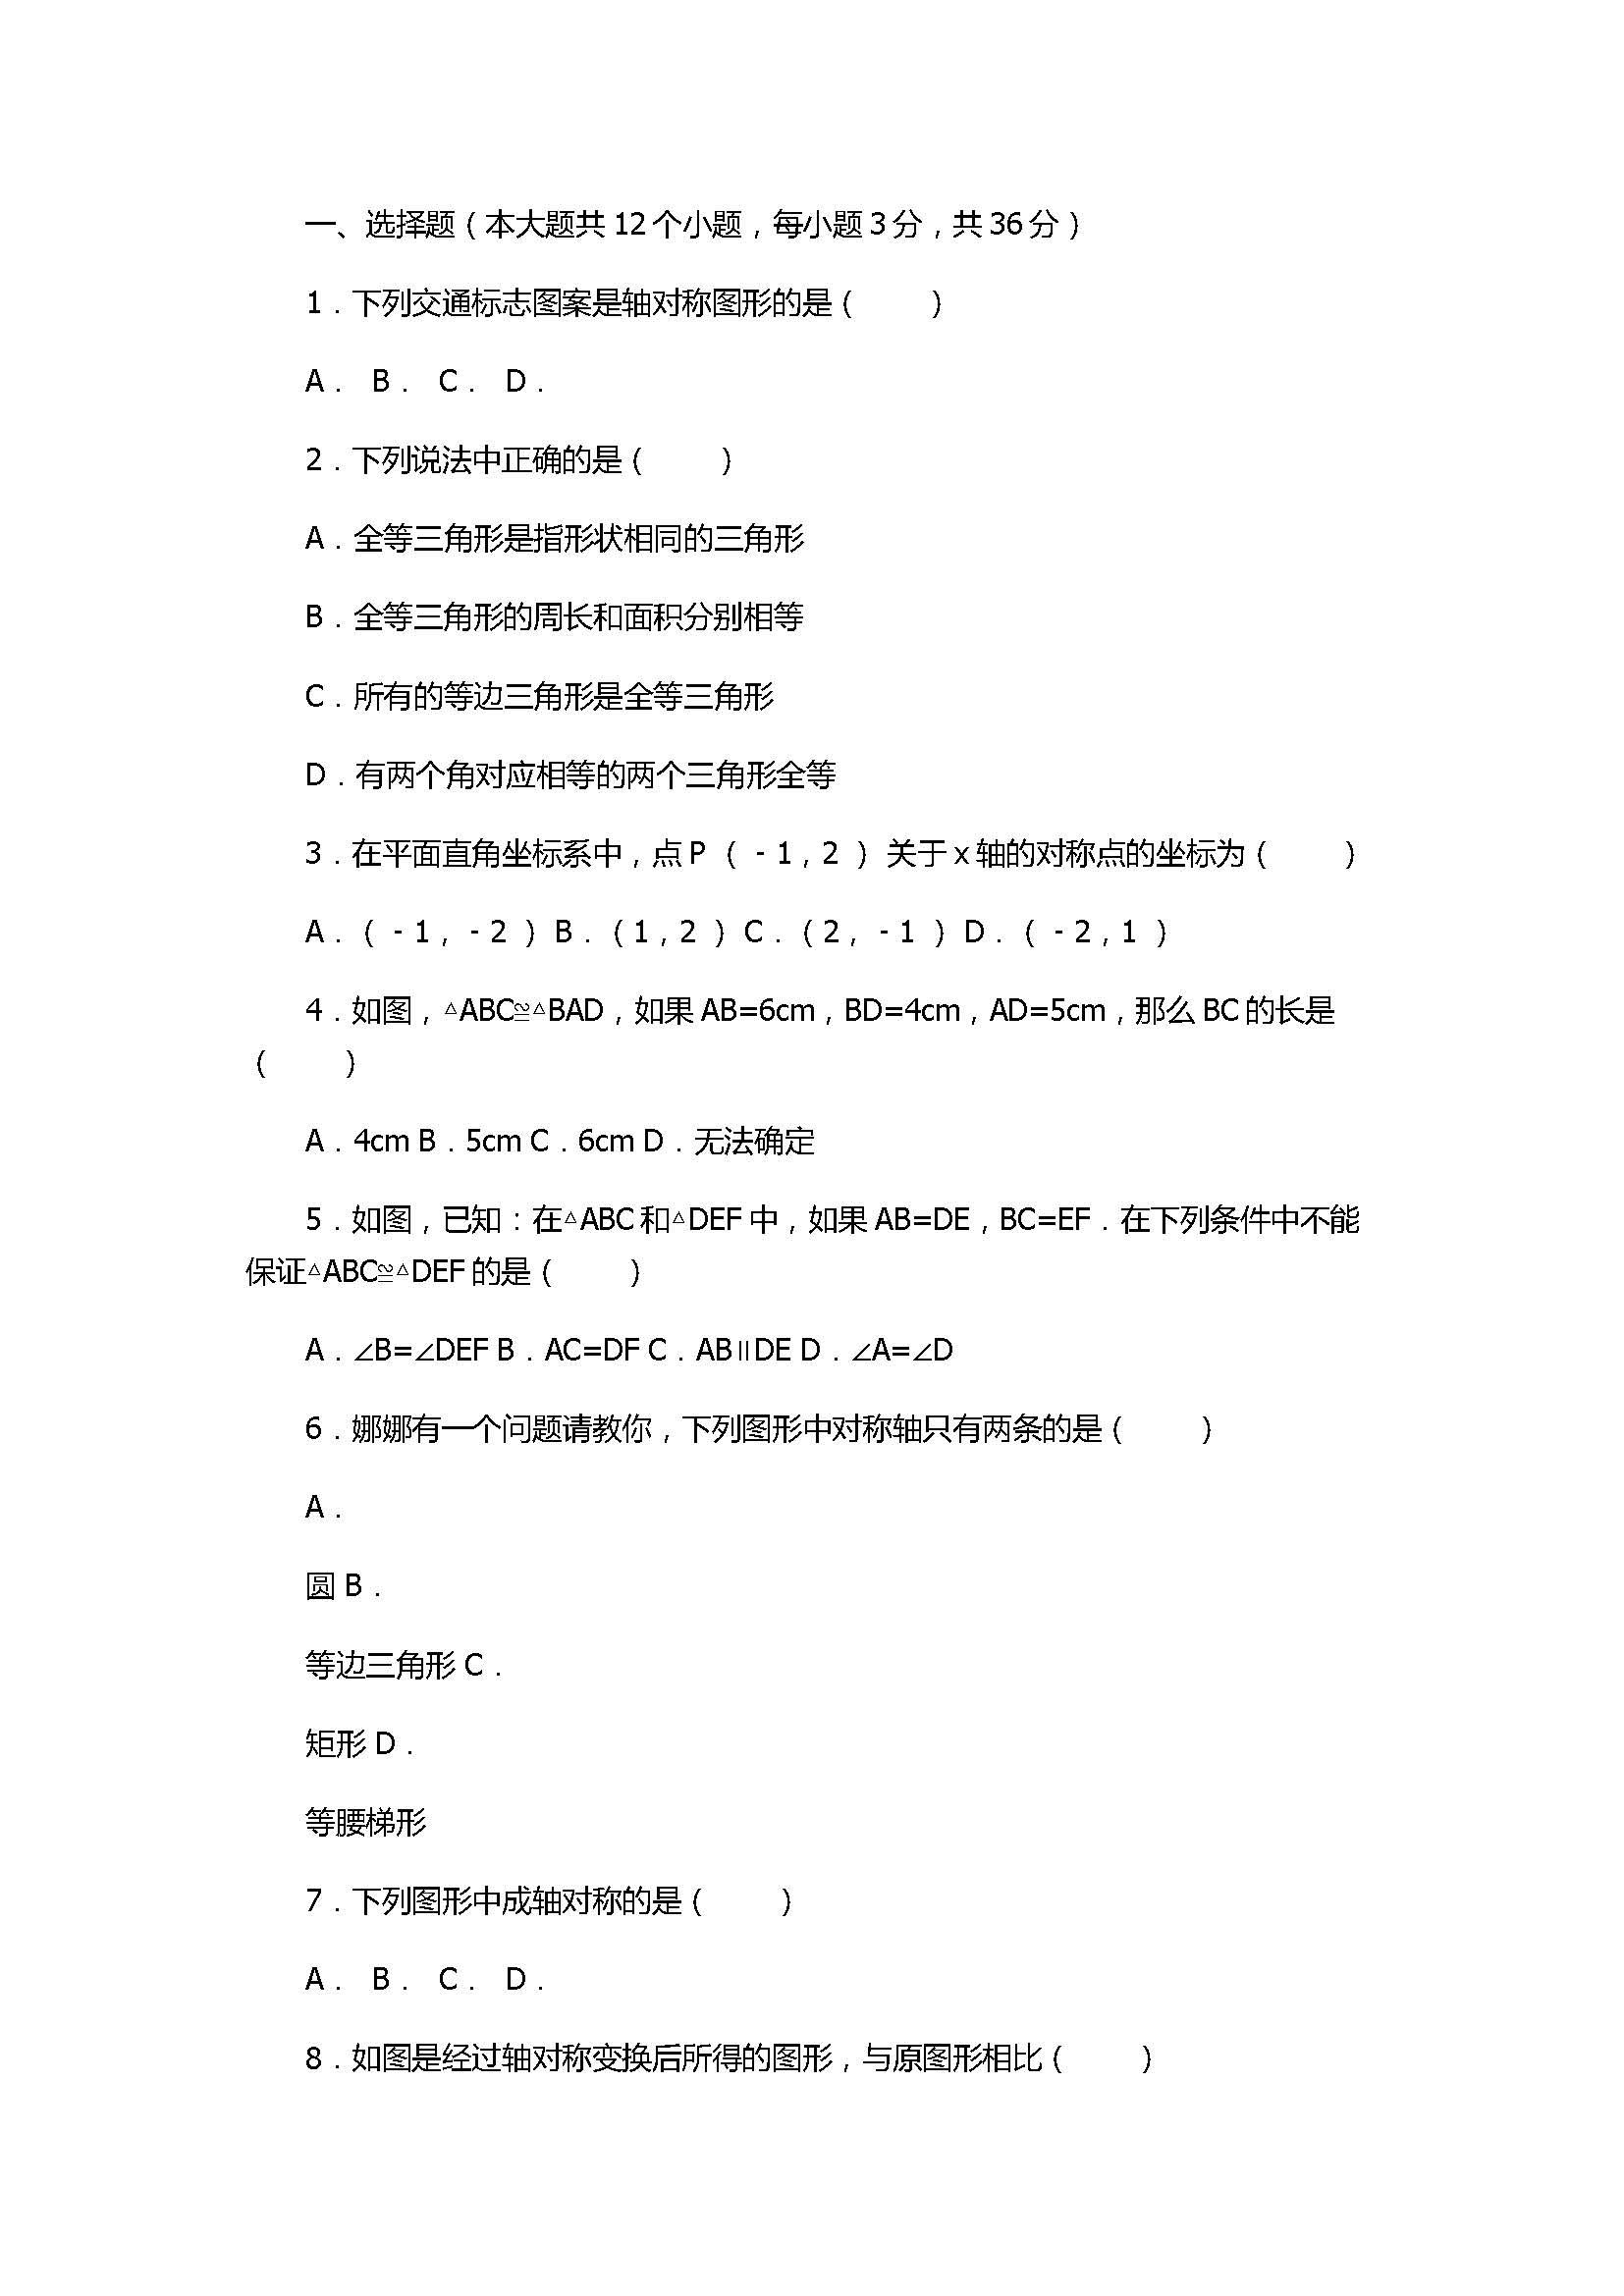 2017八年级上册数学月考测试卷附参考答案(菏泽市单县)